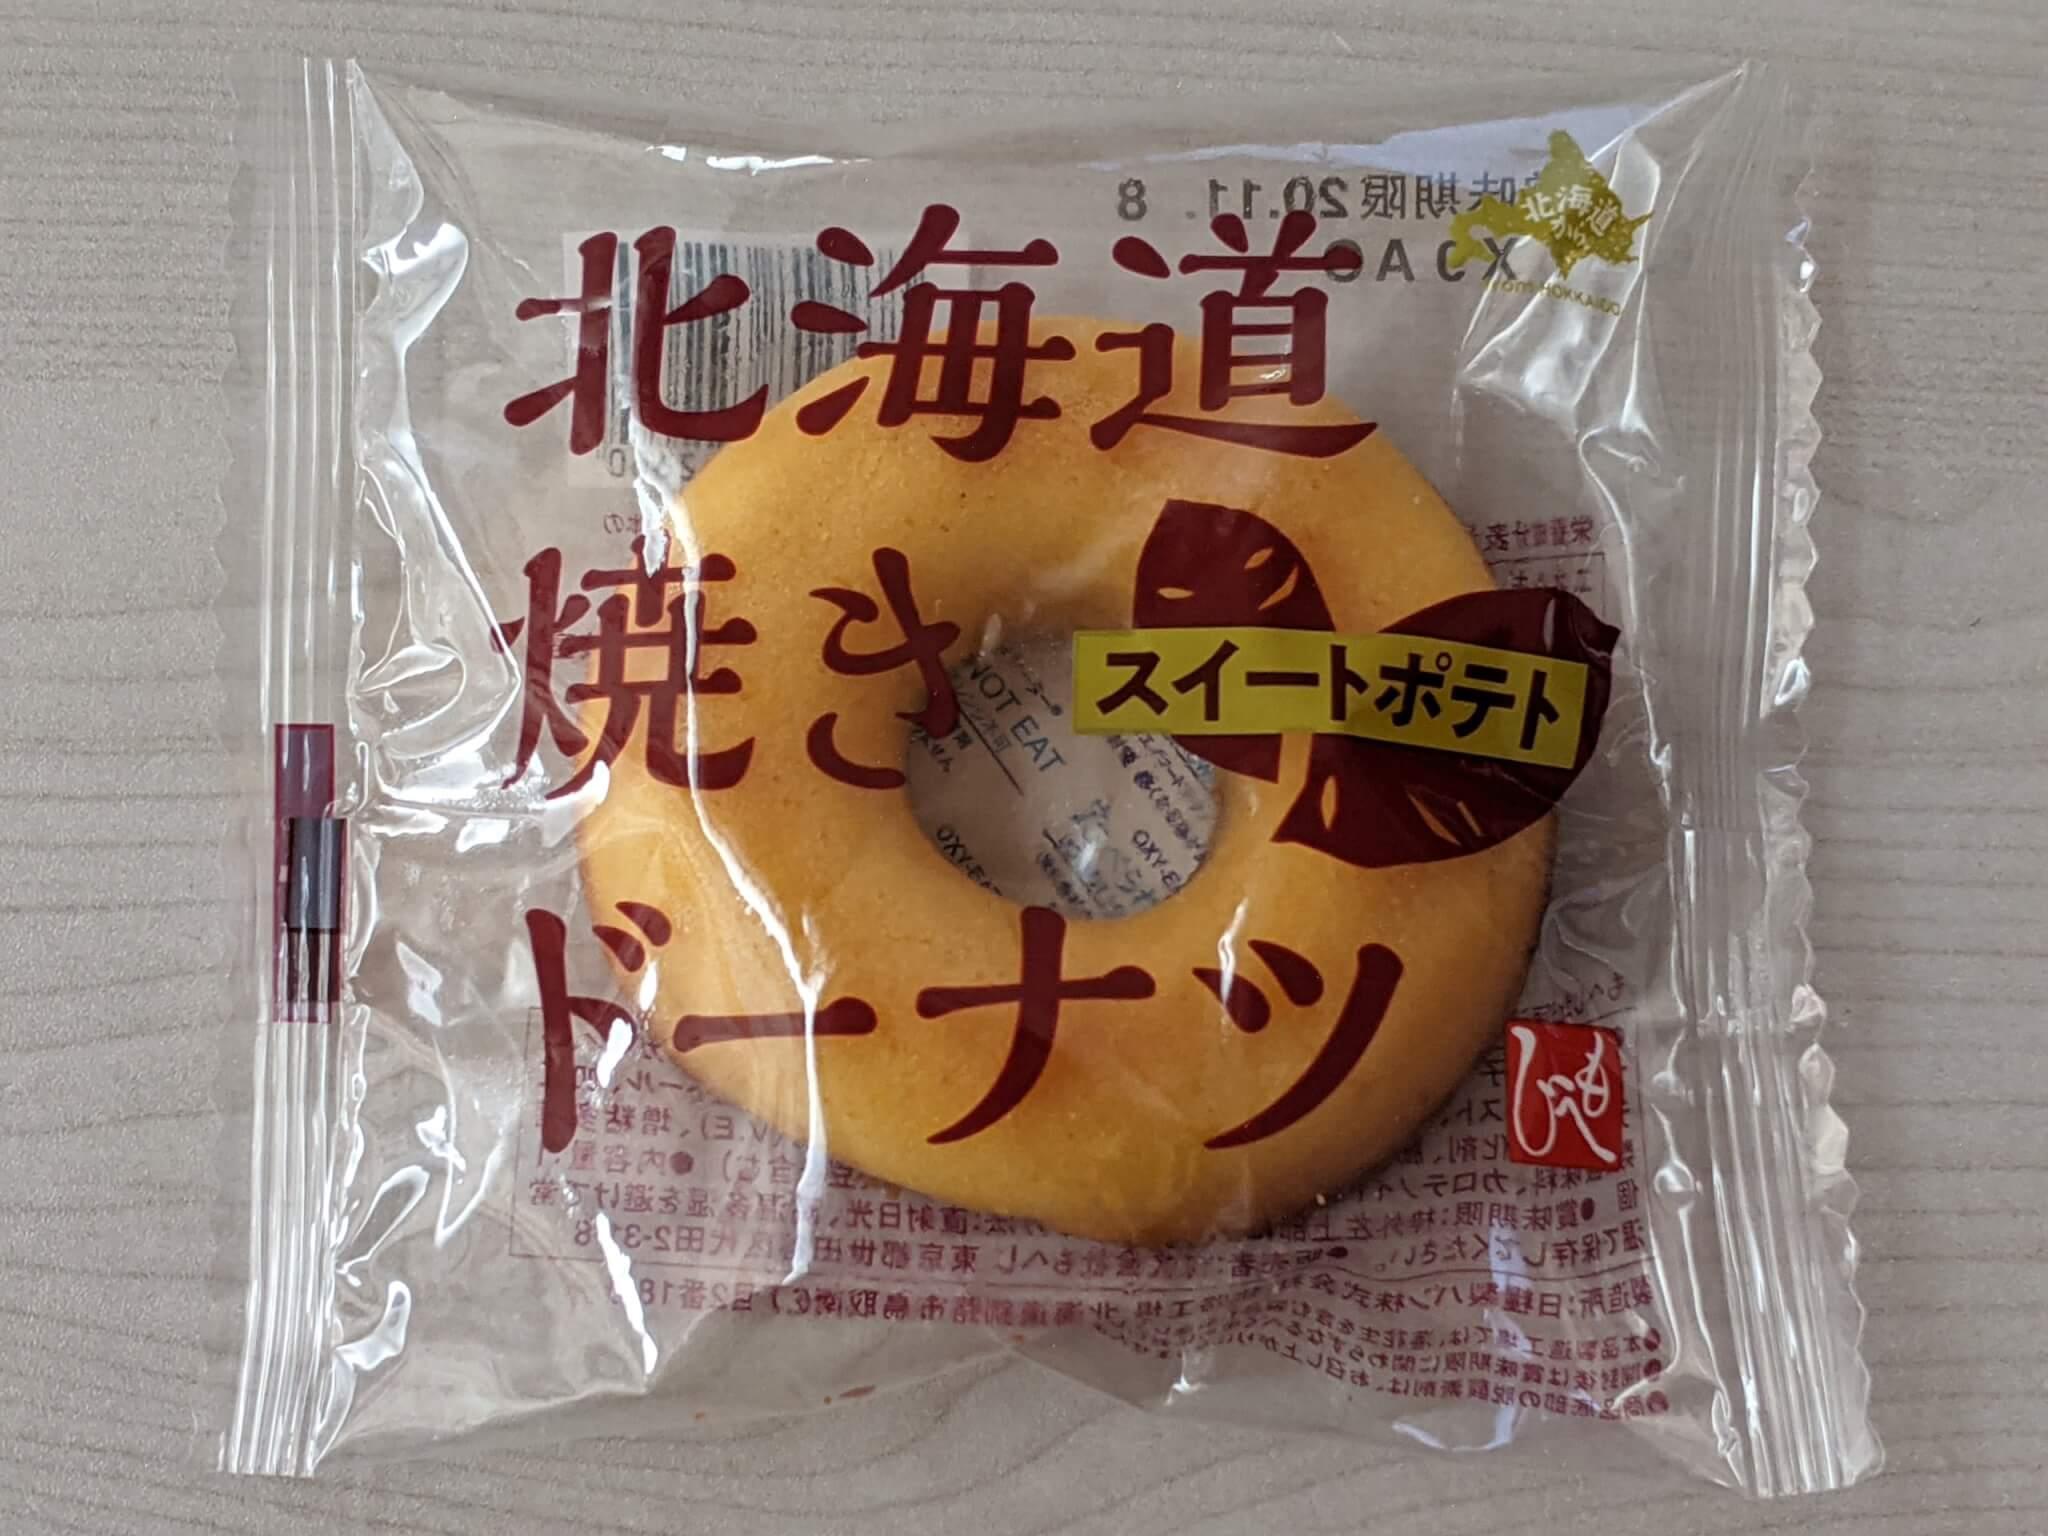 カルディ もへじ 北海道焼きドーナツスイートポテト